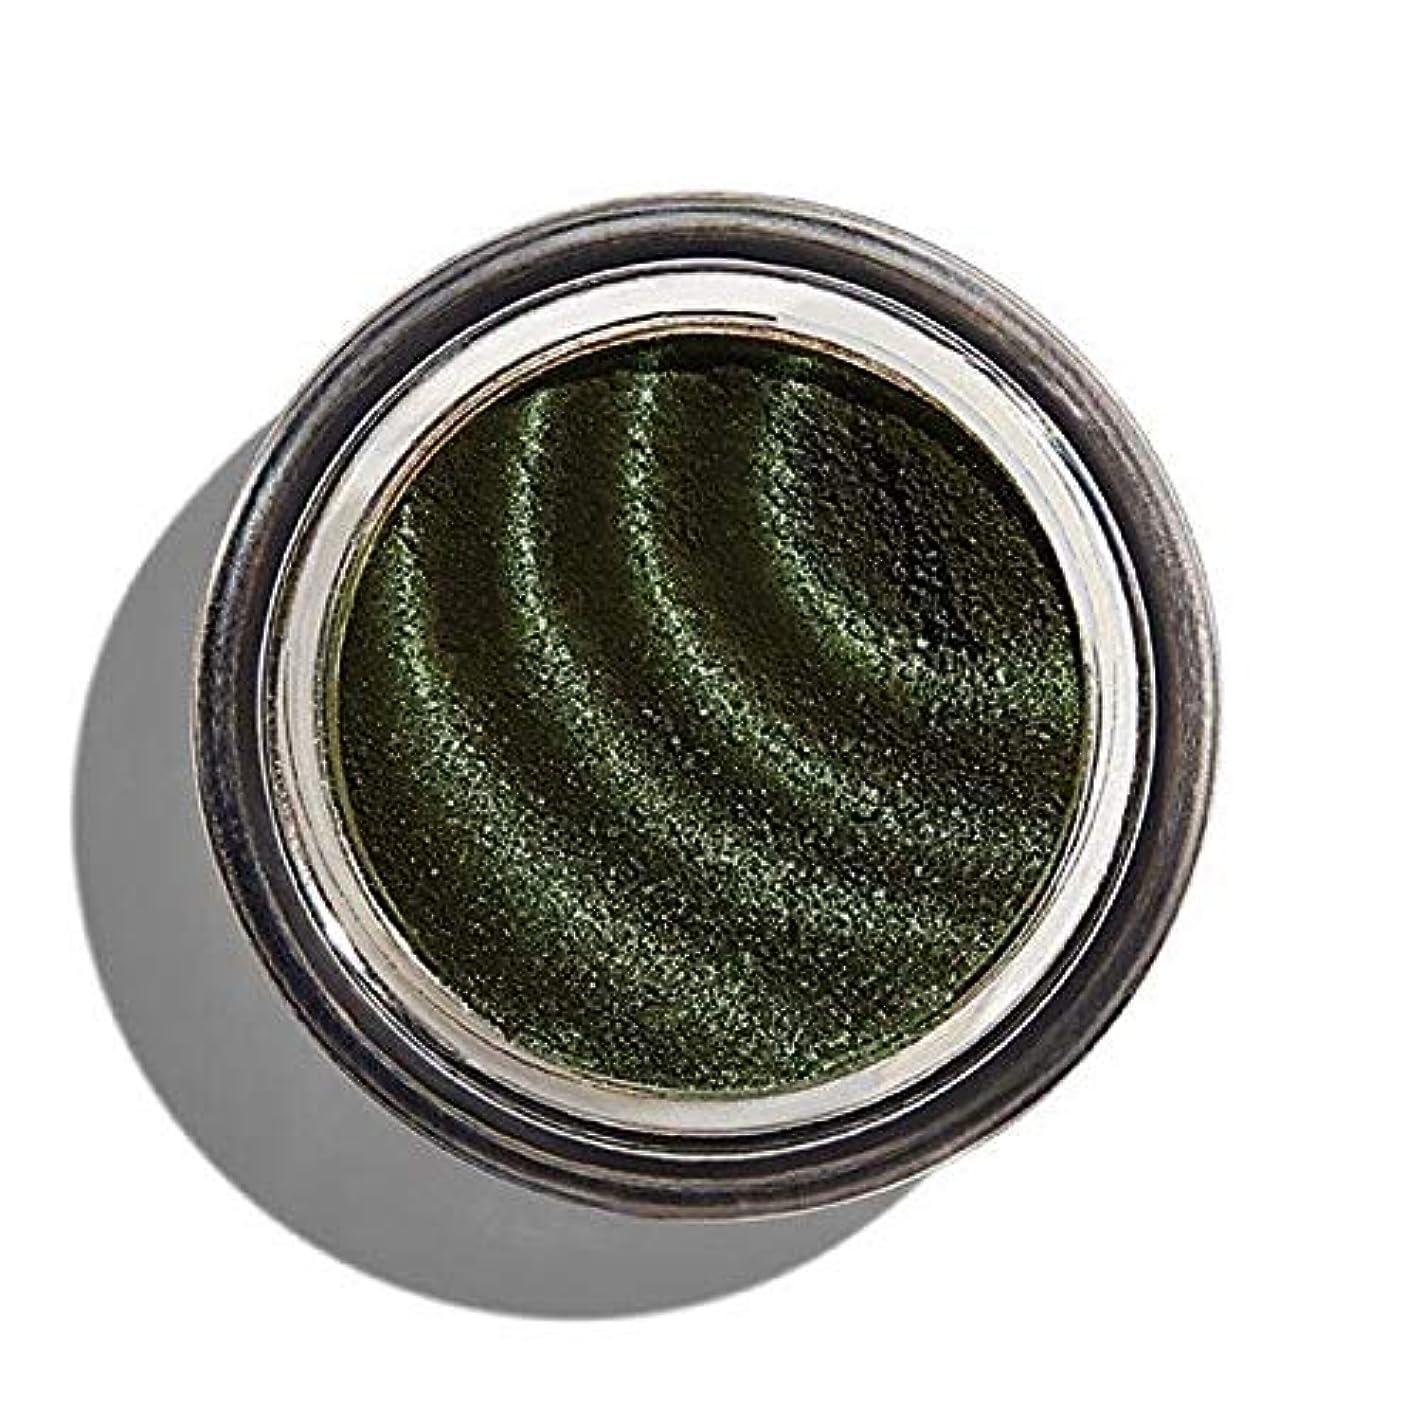 軽の面ではジャングル[Revolution ] 化粧回転磁化のアイシャドウグリーン - Makeup Revolution Magnetize Eyeshadow Green [並行輸入品]